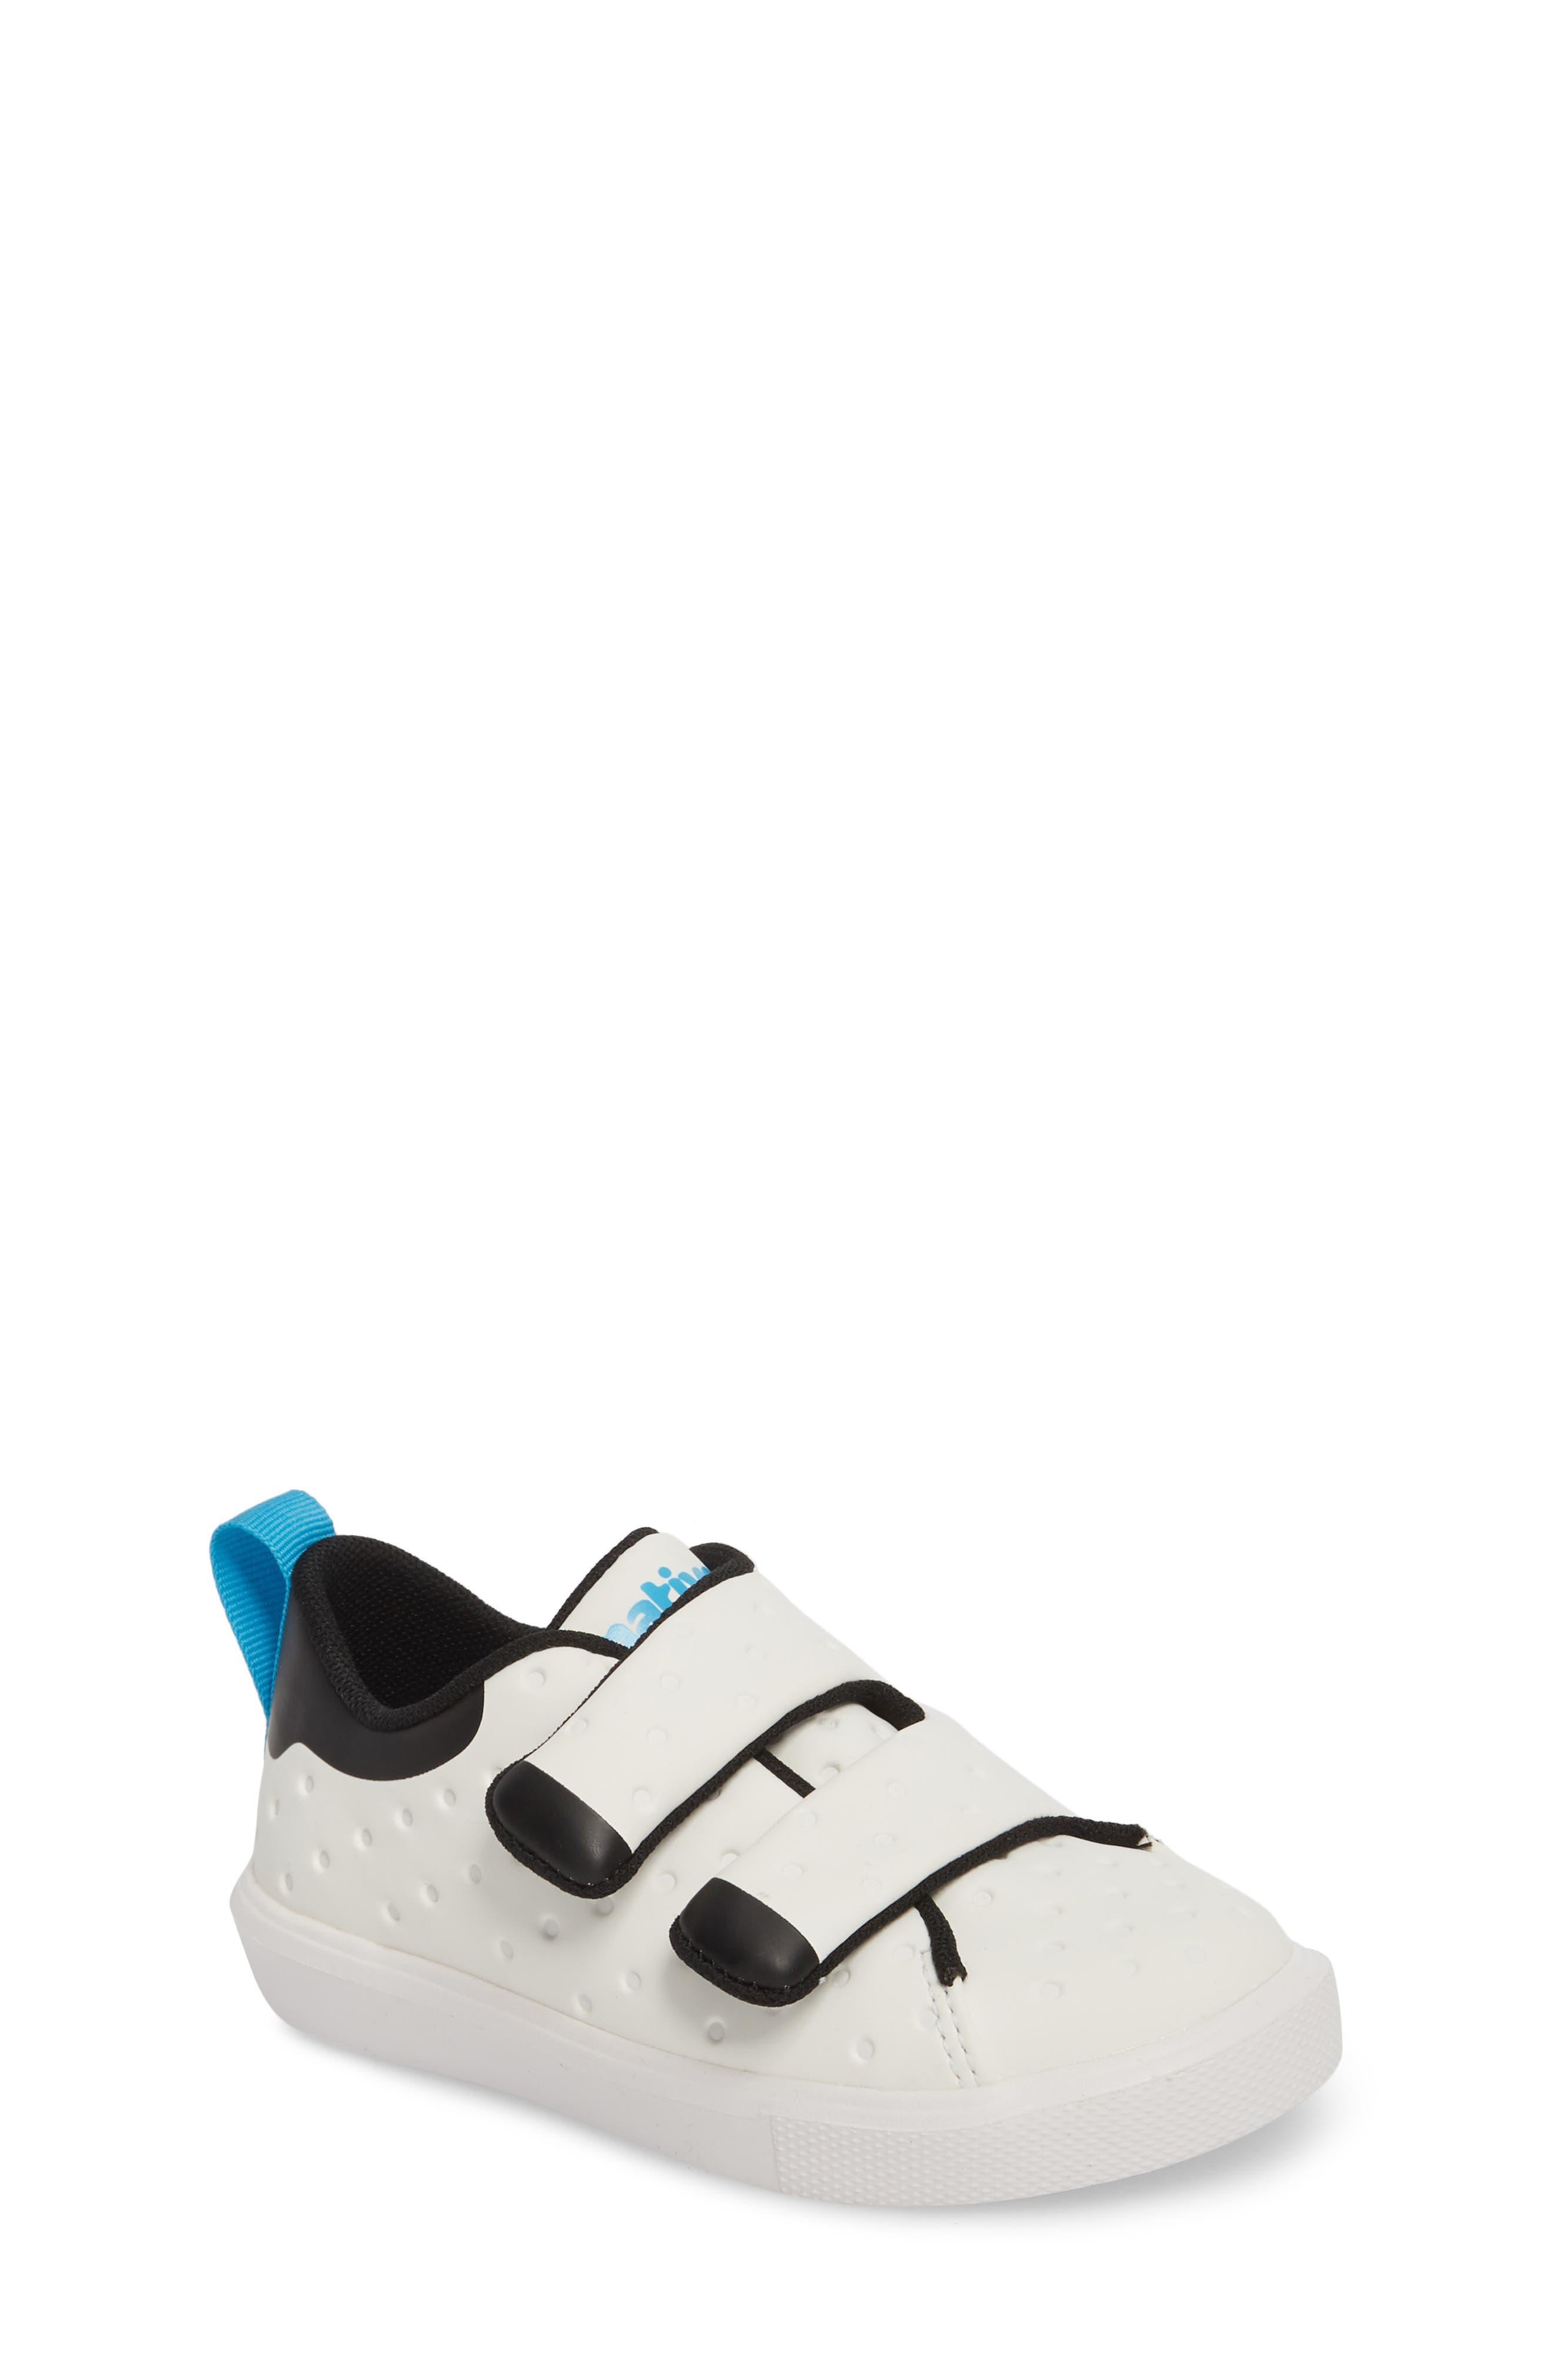 Native Shoes Monaco Sneaker